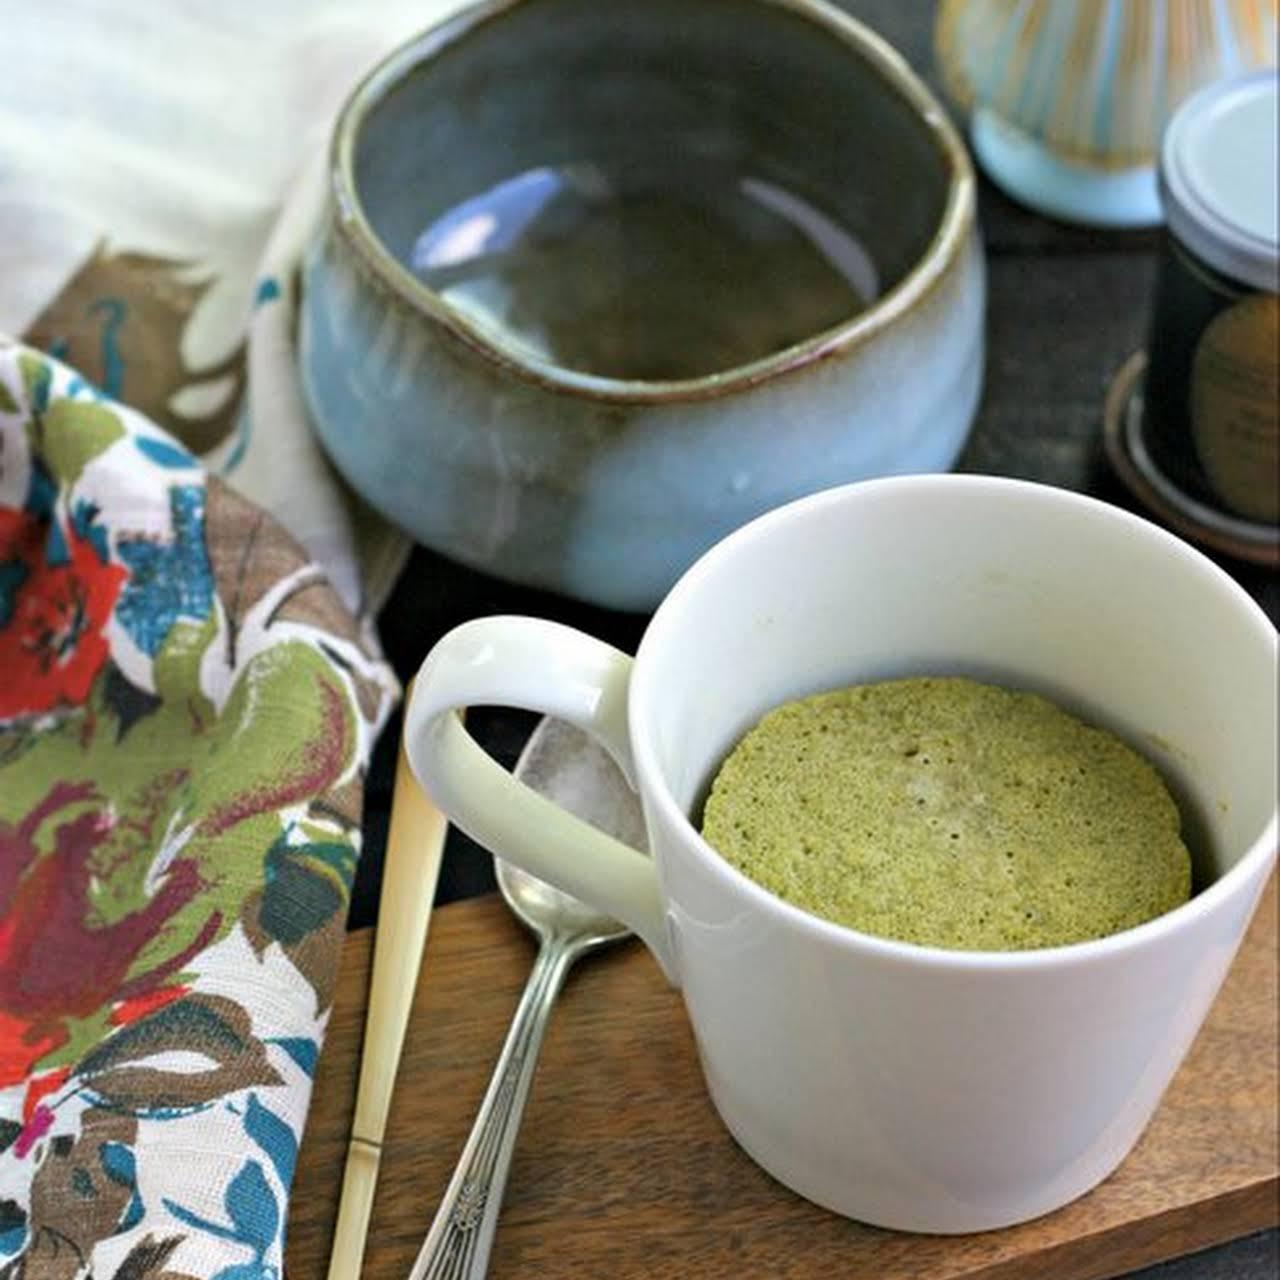 Low Carb Mug Cake With Matcha